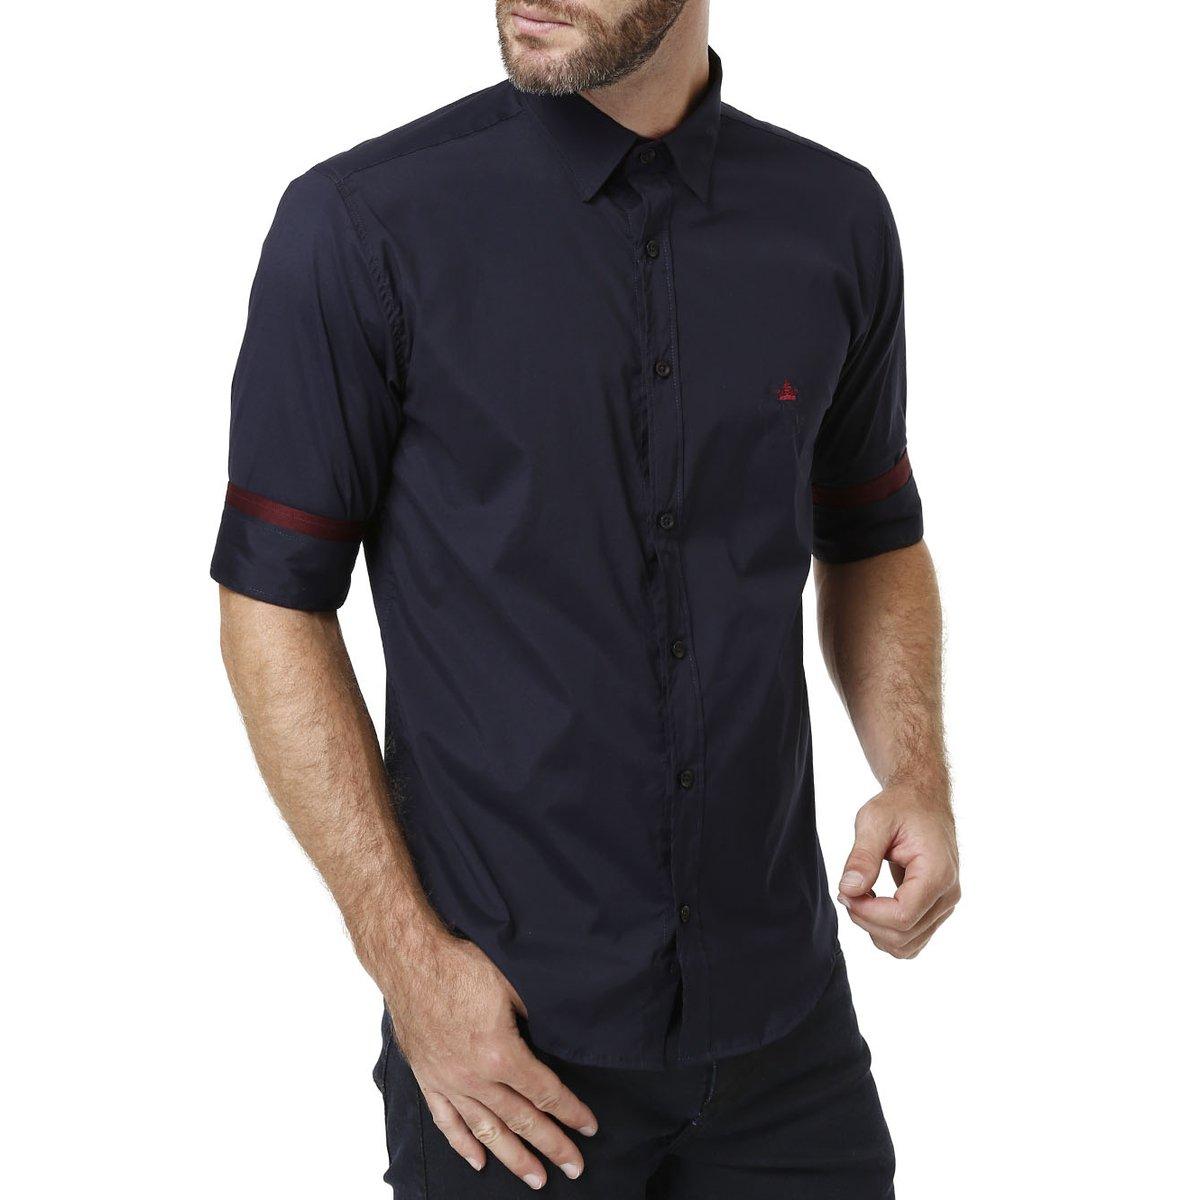 Camisas Manga 3 4 Masculina Azul - Compre Agora  d54cab694ab7f